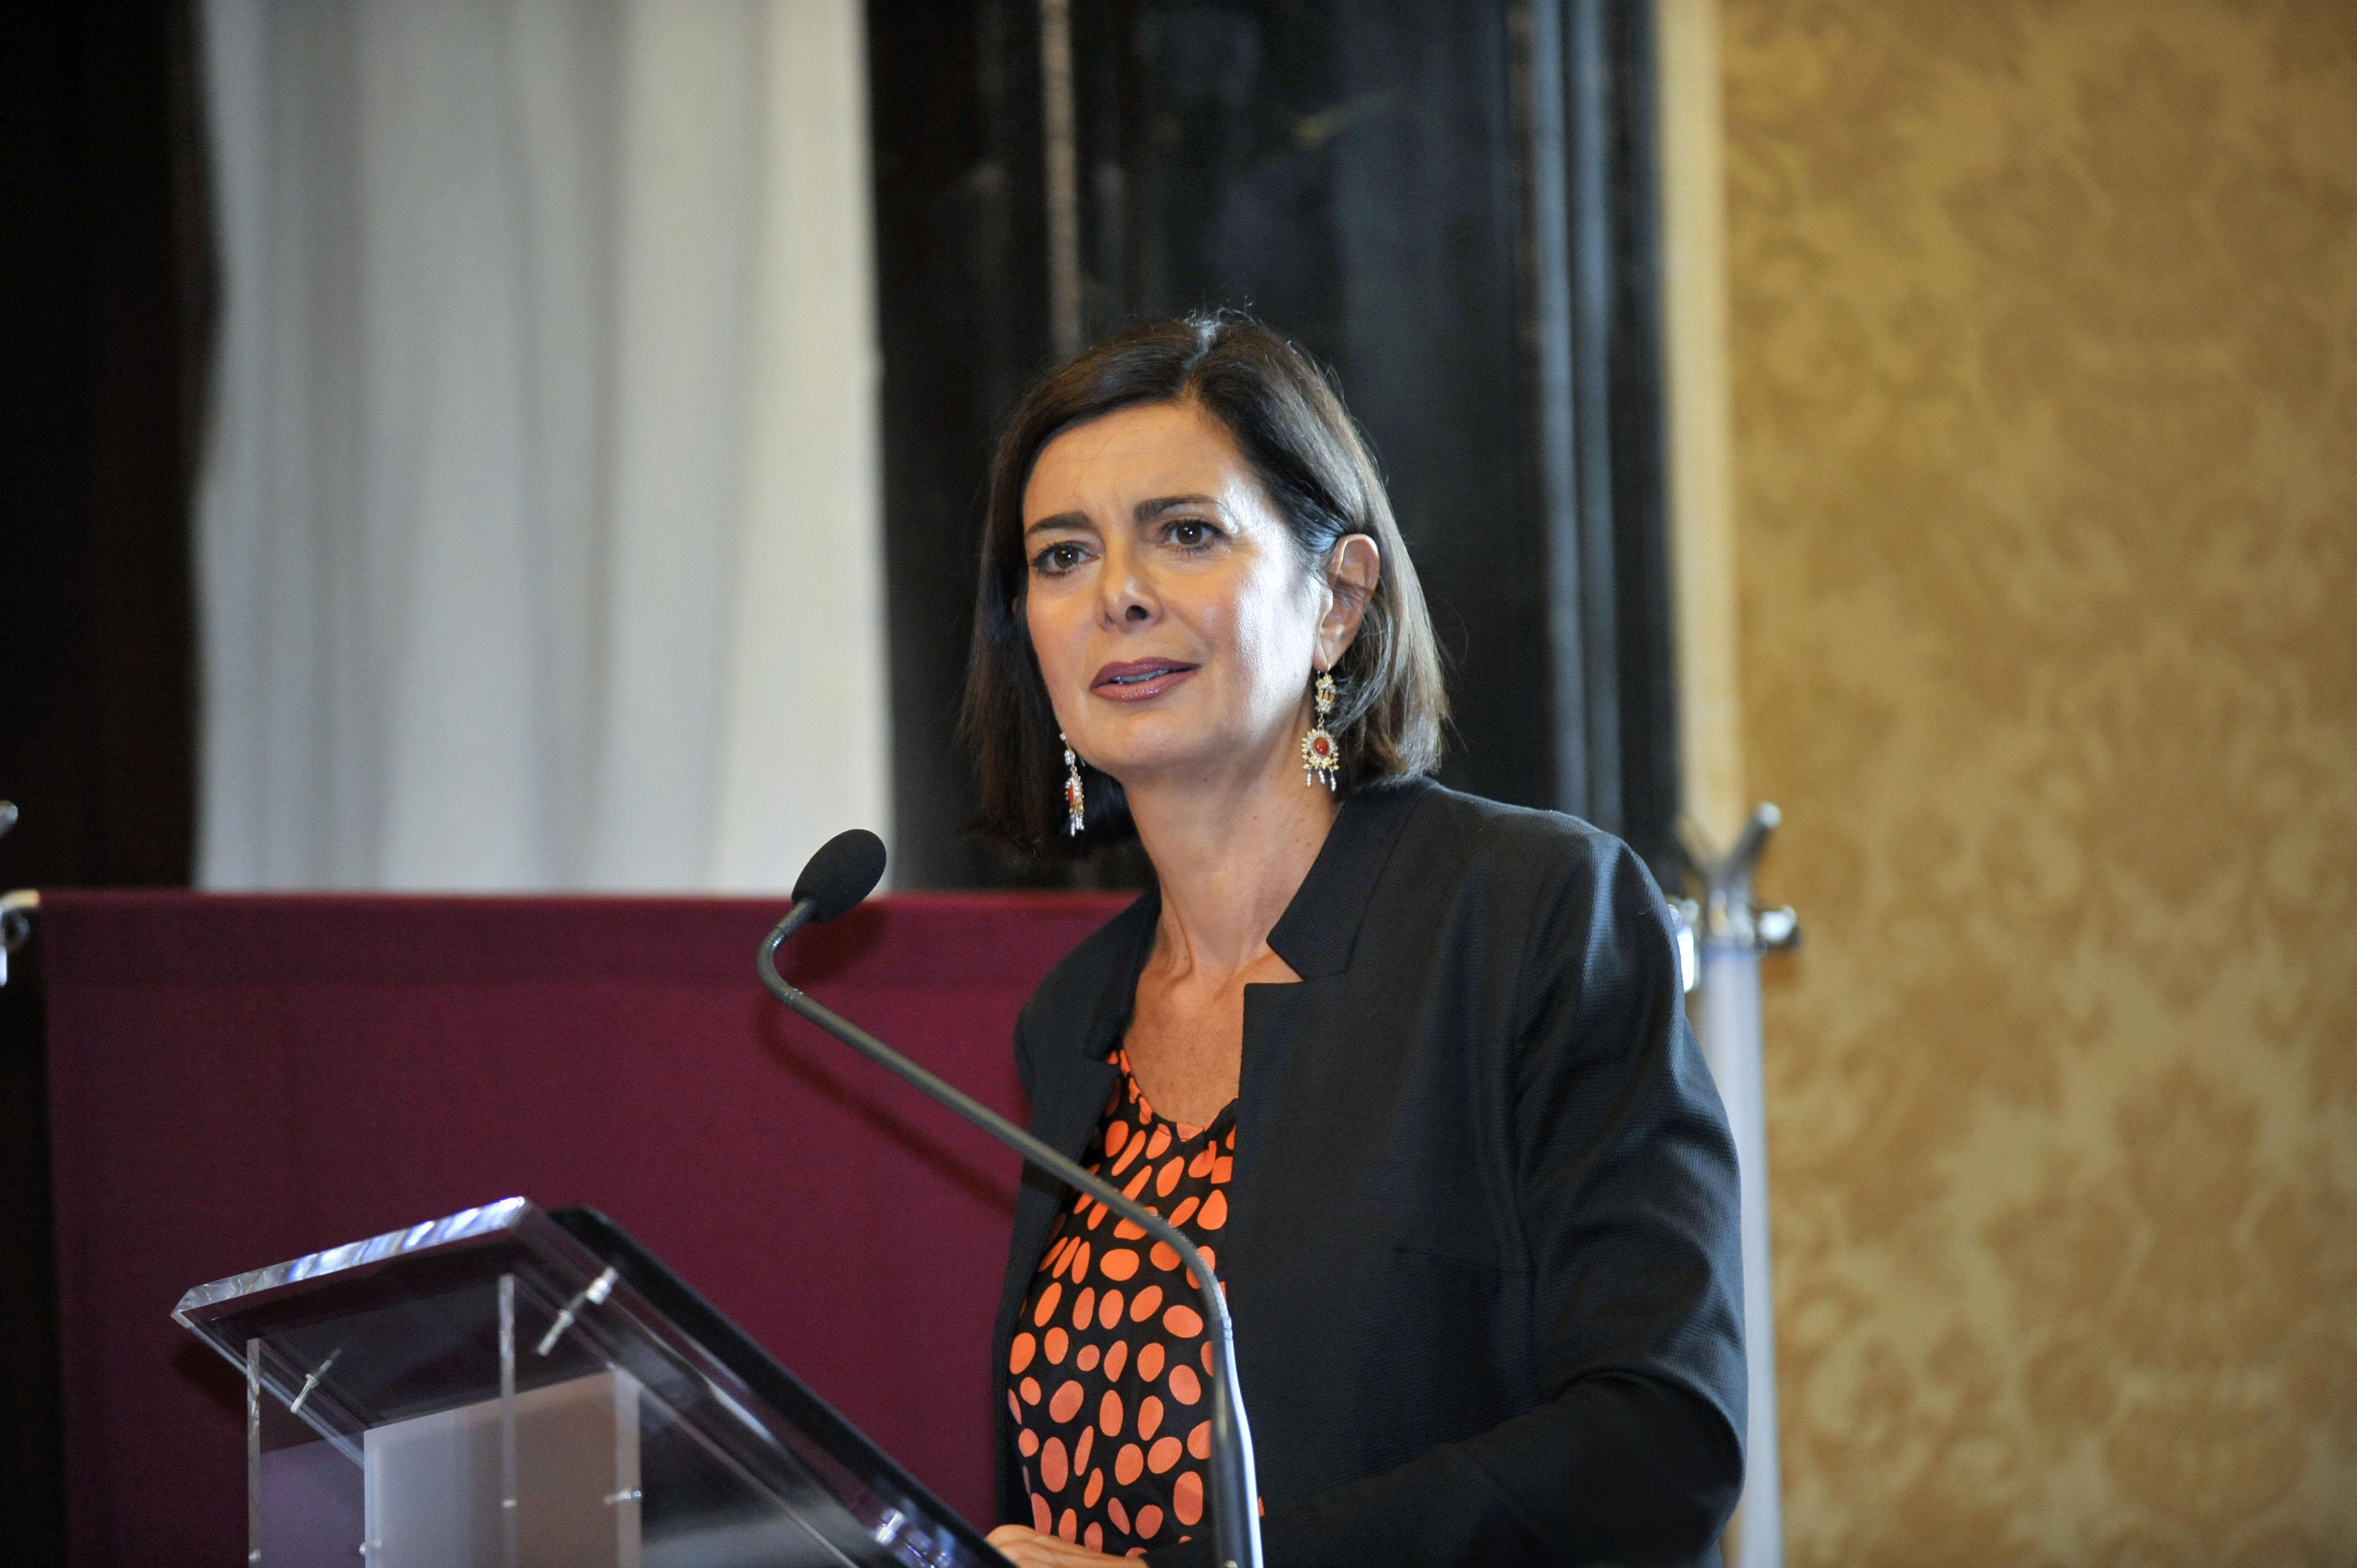 Presentazione annuario italiano diritti umani 2015 roma for Presidente della camera attuale